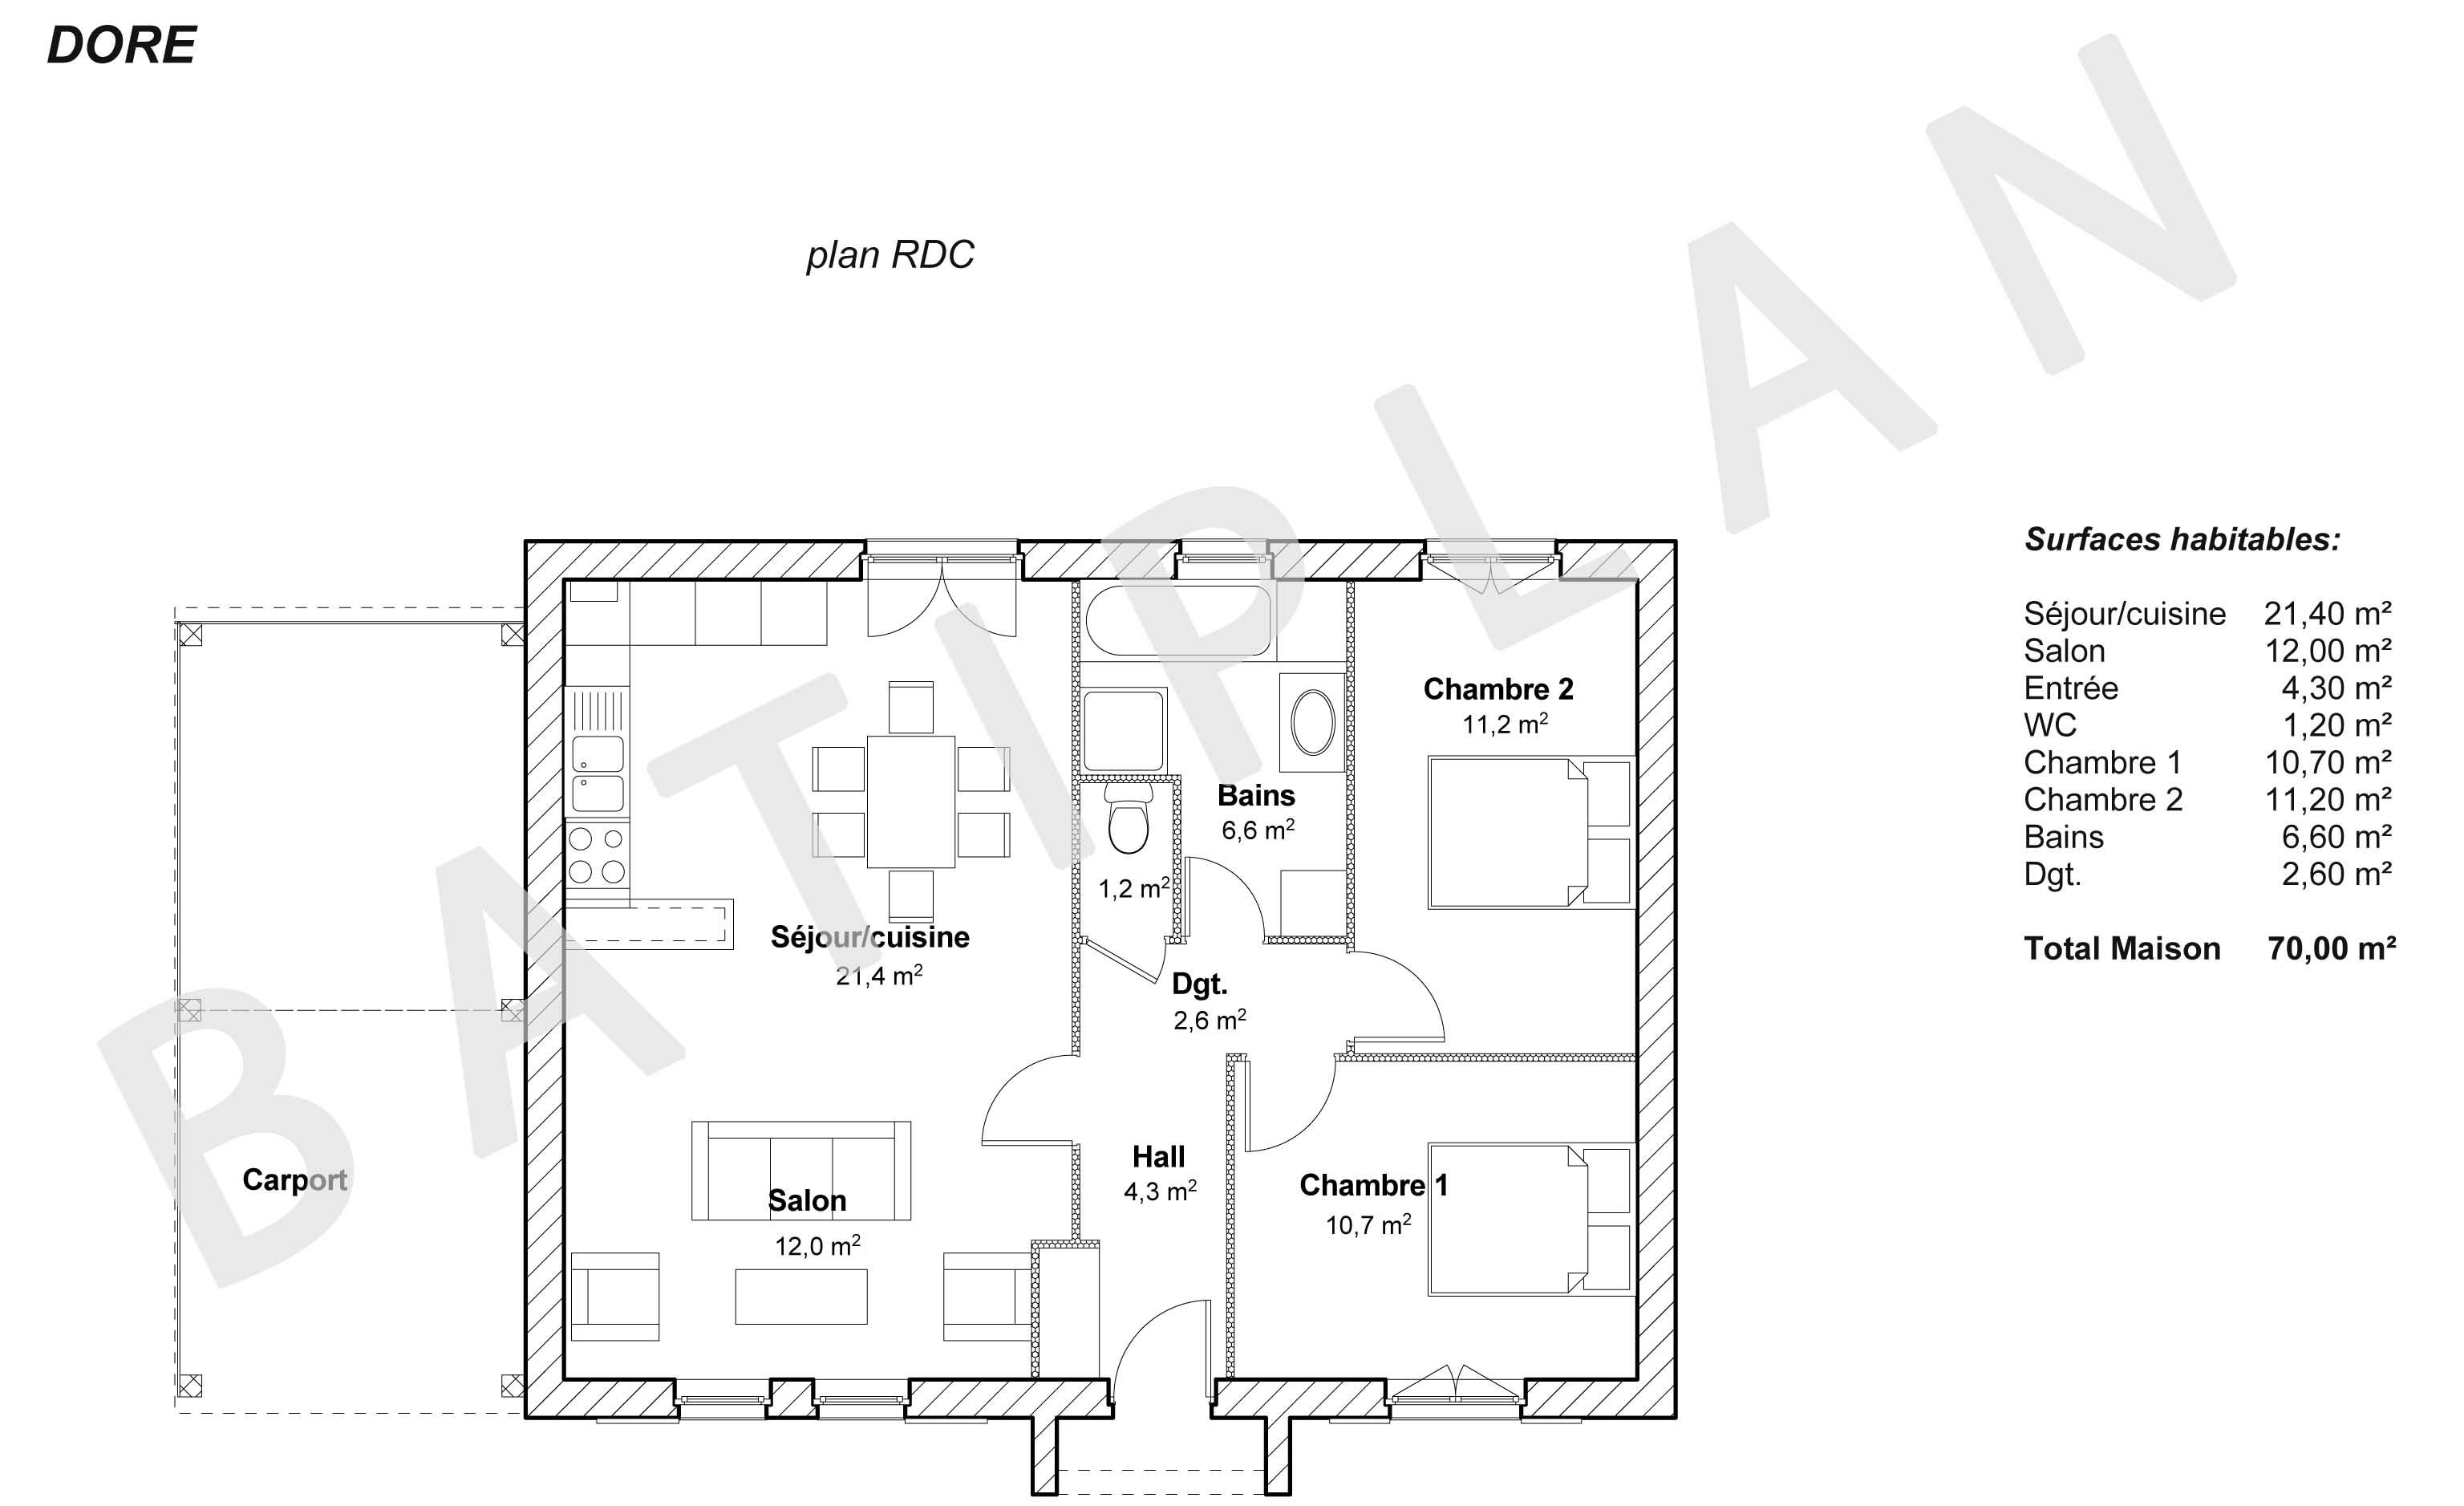 Plans et permis de construire notre plan de maison dore for Permis de construire plan